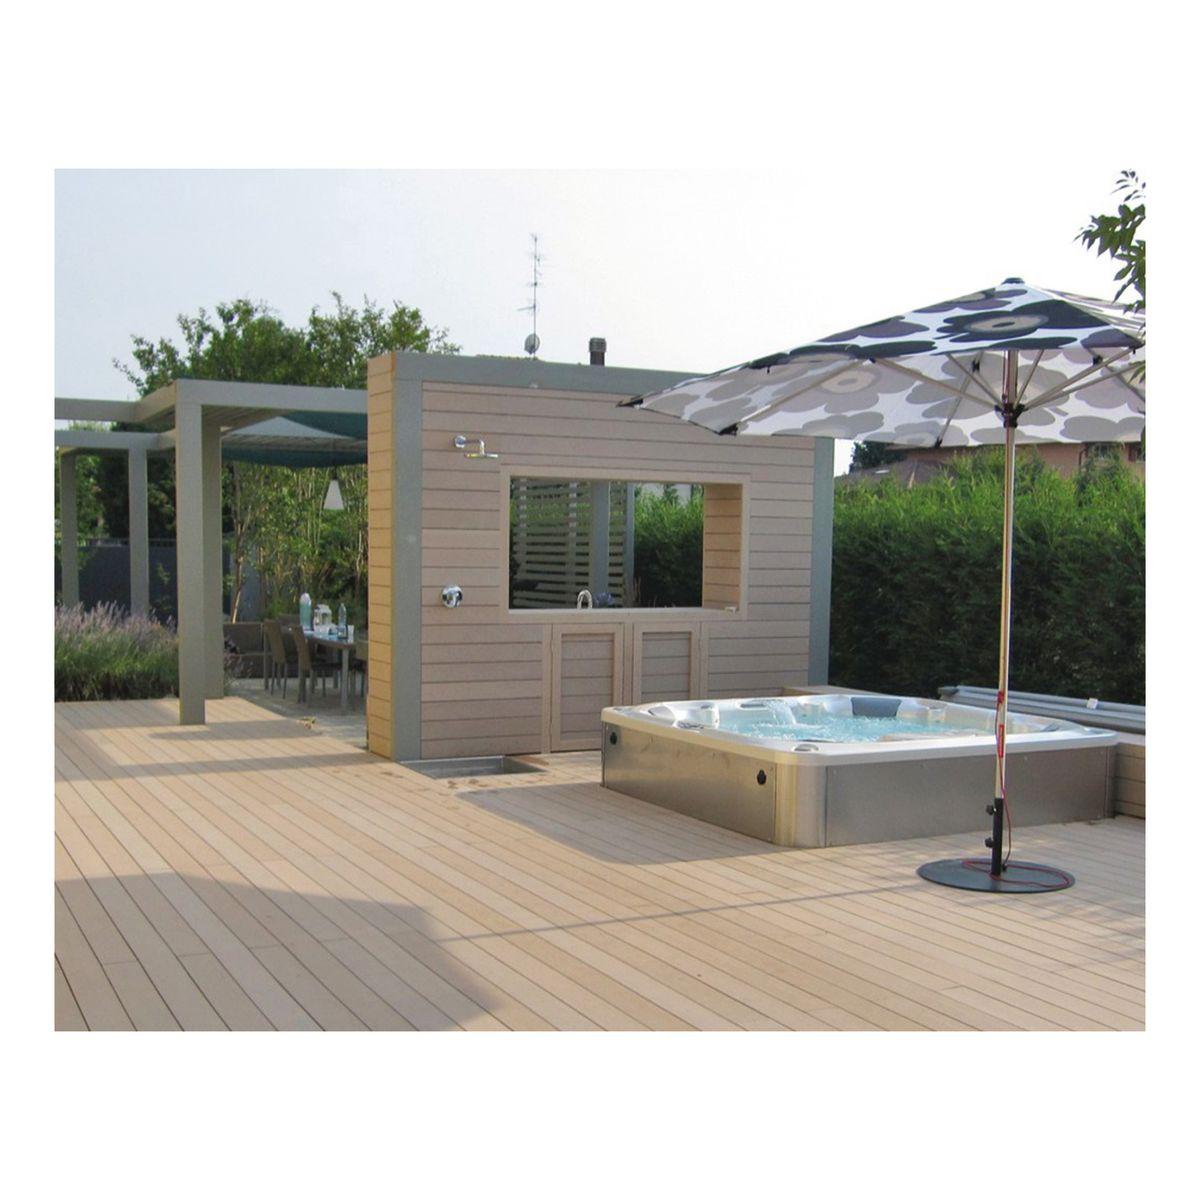 Giardino pensile terrazzo con recinti giardino per cani for Allestire un giardino piccolo